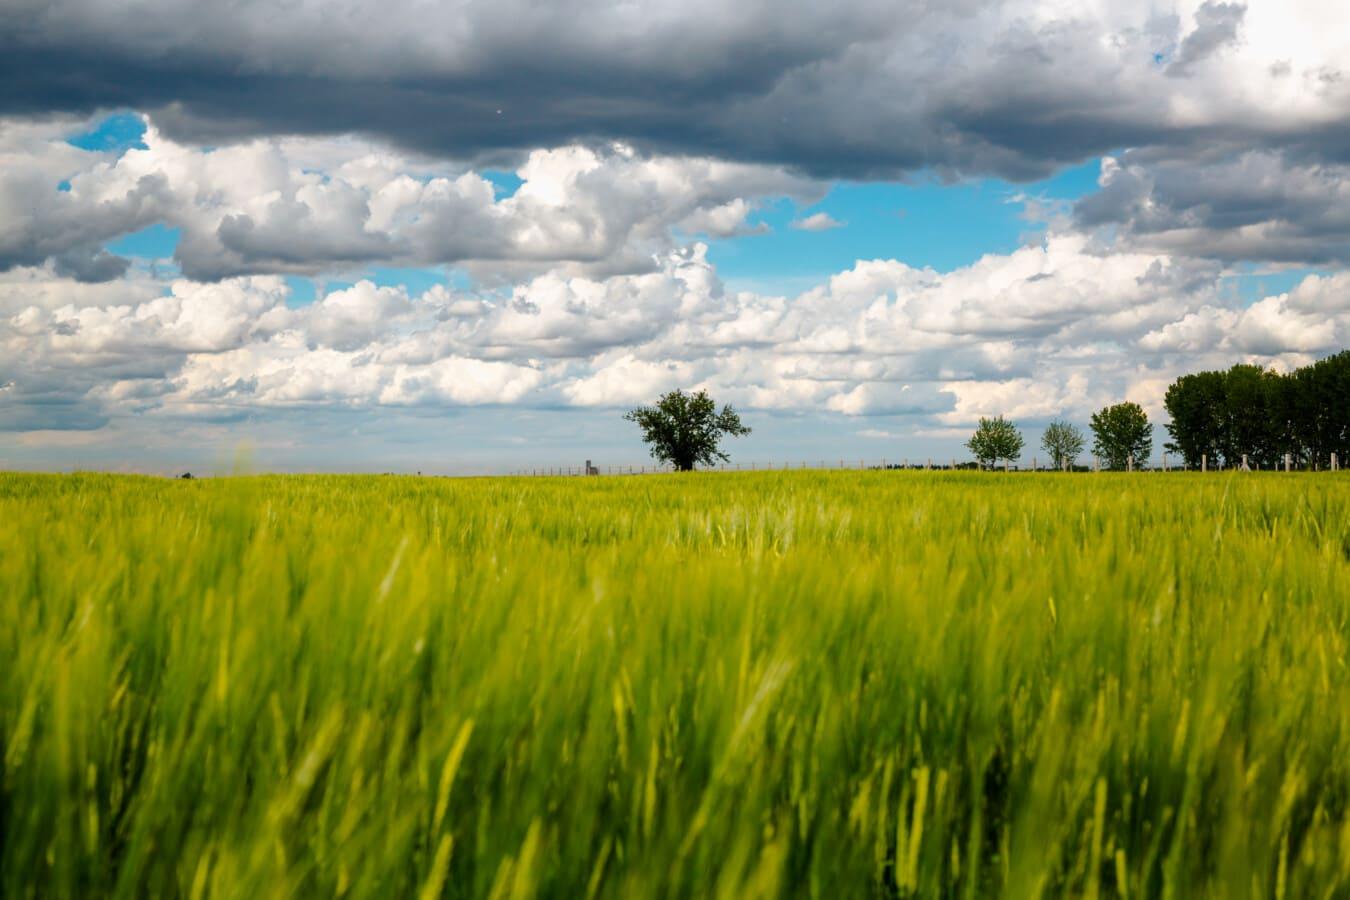 bewölkt, Feld, Weizenfeld, landwirtschaftlich, des ländlichen Raums, Wiese, Weizen, Gras, Landwirtschaft, Landschaft